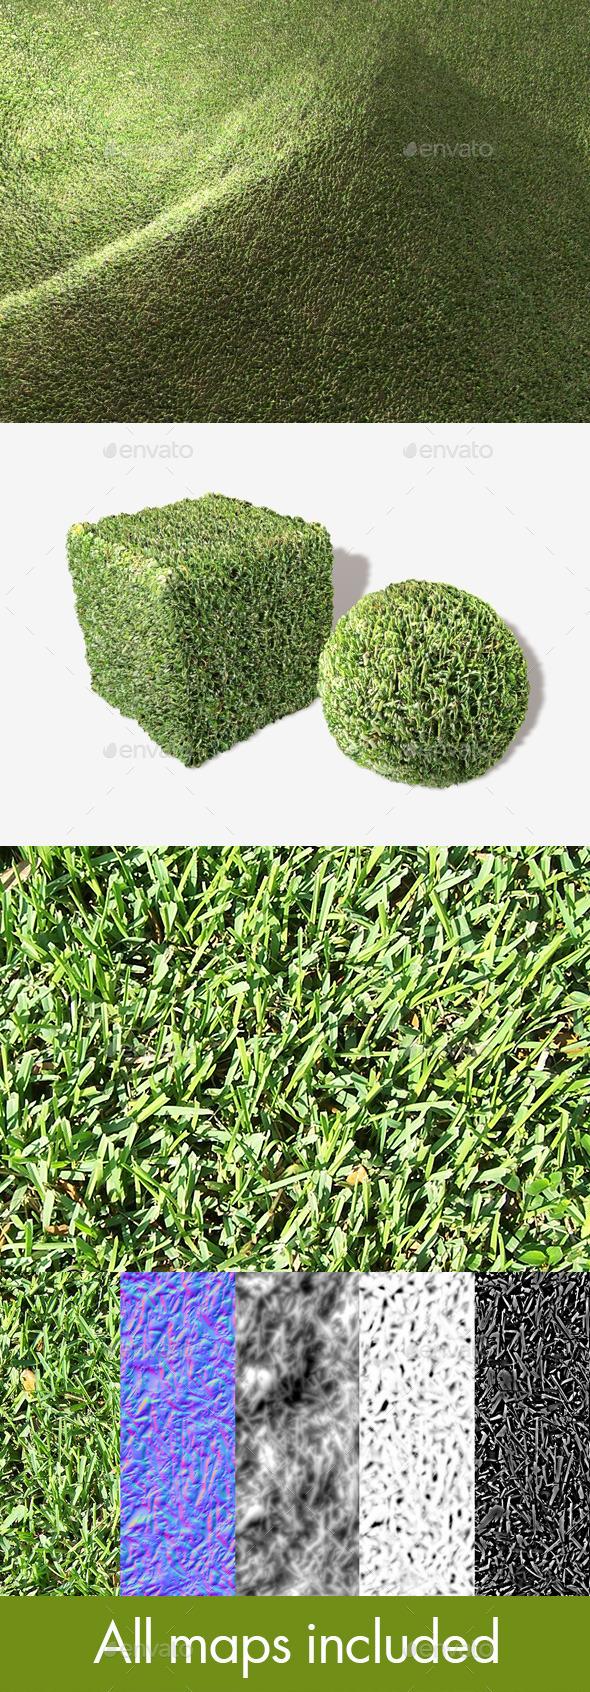 Thick Grass Seamless Texture